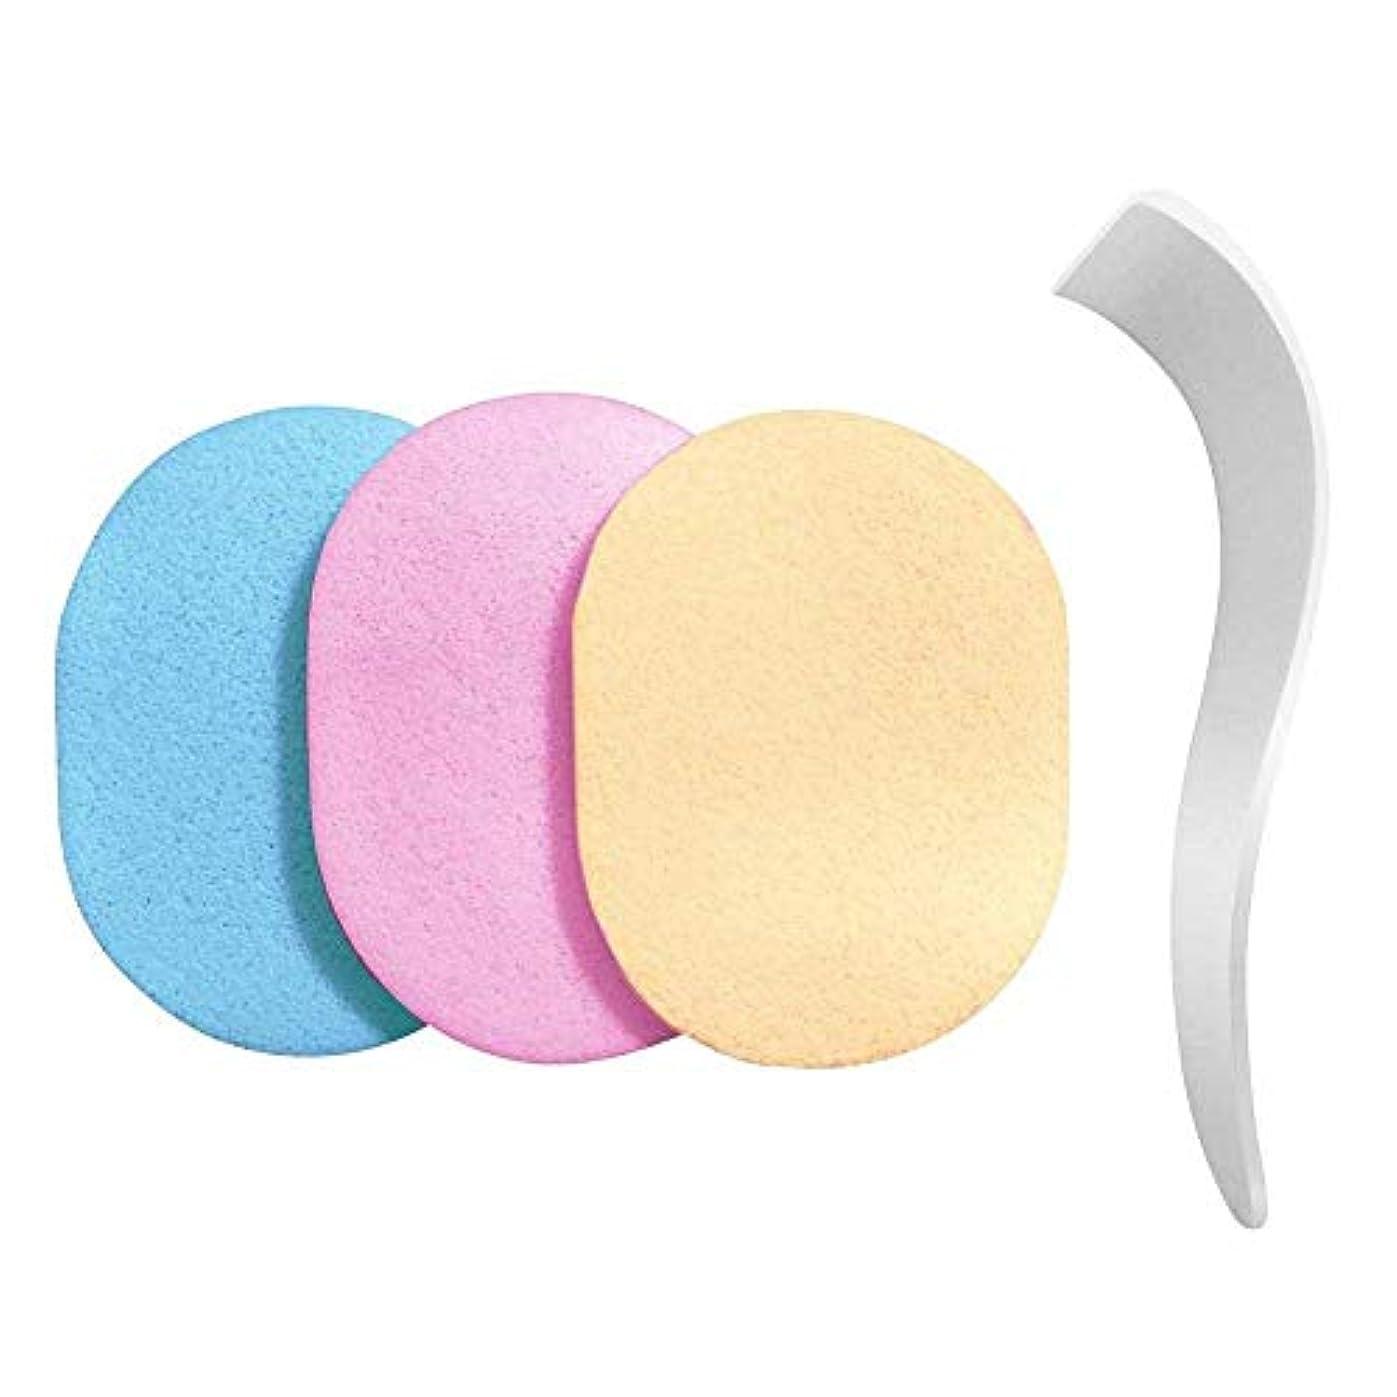 データベースビジネスリラックスViffly 専用ヘラ スポンジ 洗って使える 3色セット 除毛クリーム専用 メンズ レディース【除毛用】